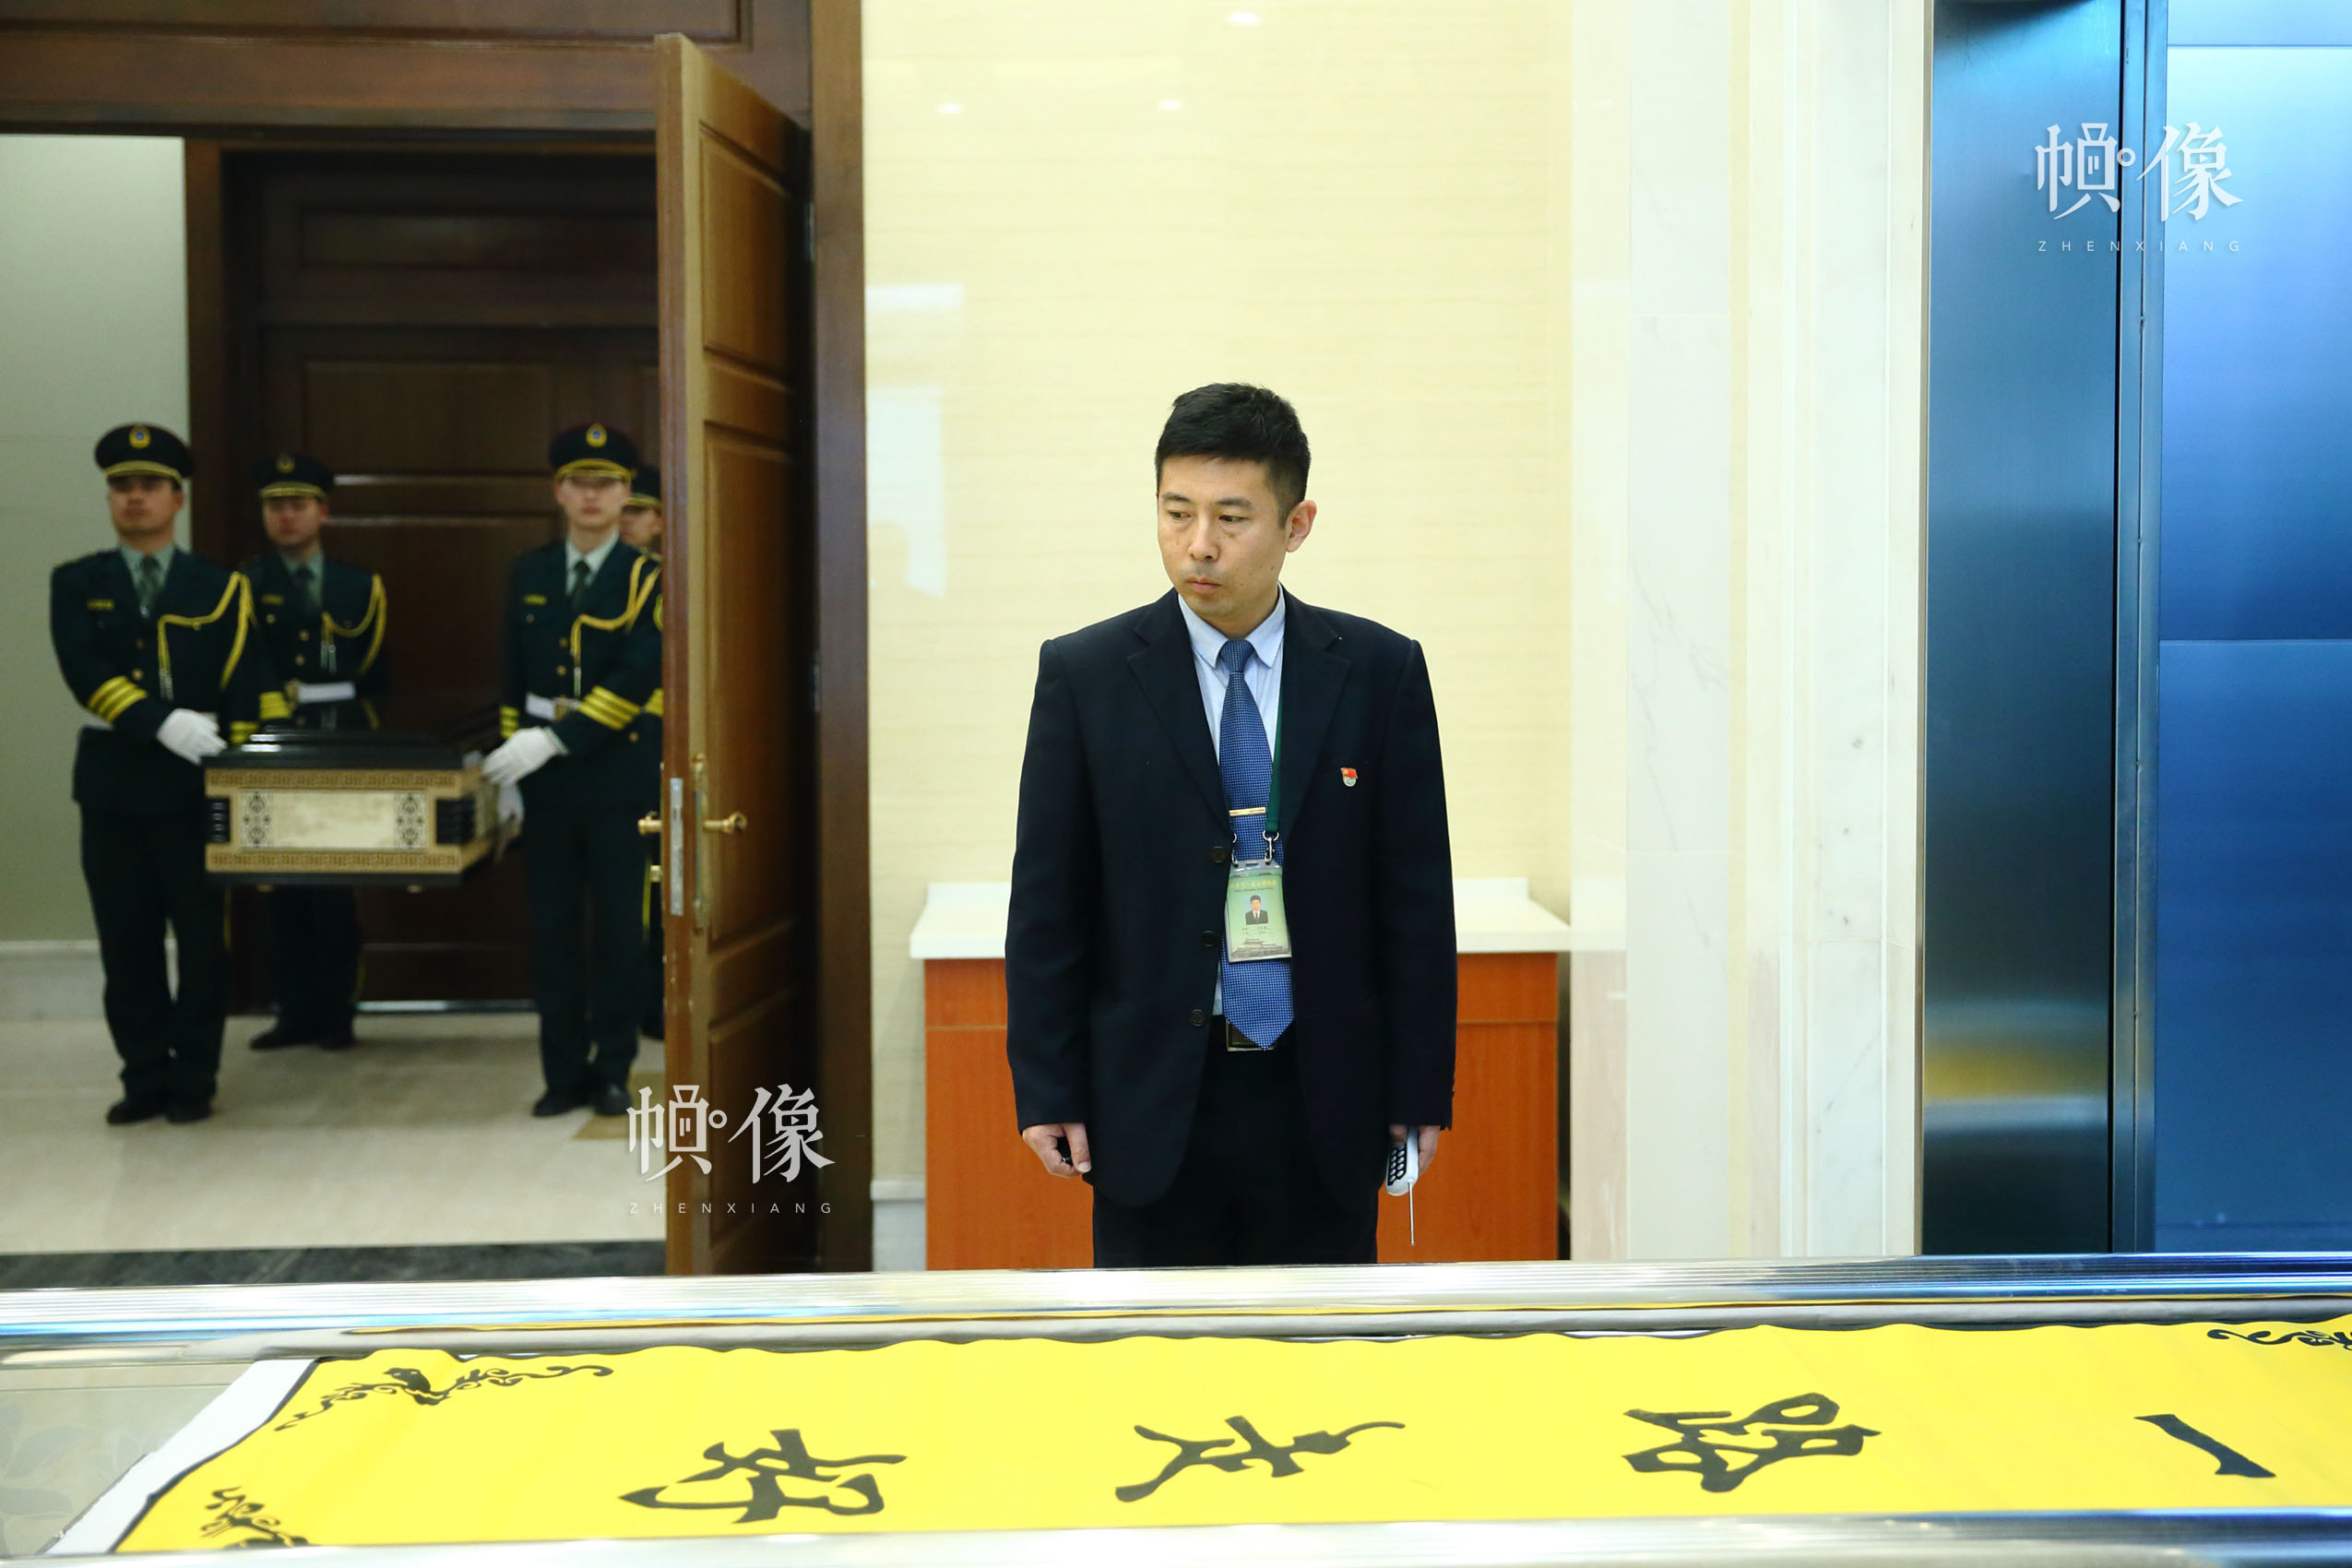 北京八寶山殯儀館,殯儀士兵在殯儀館火化室副主任魏童的引導下,將放有逝者遺體的棺木放置火化爐火化。中國網記者 陳維松 攝